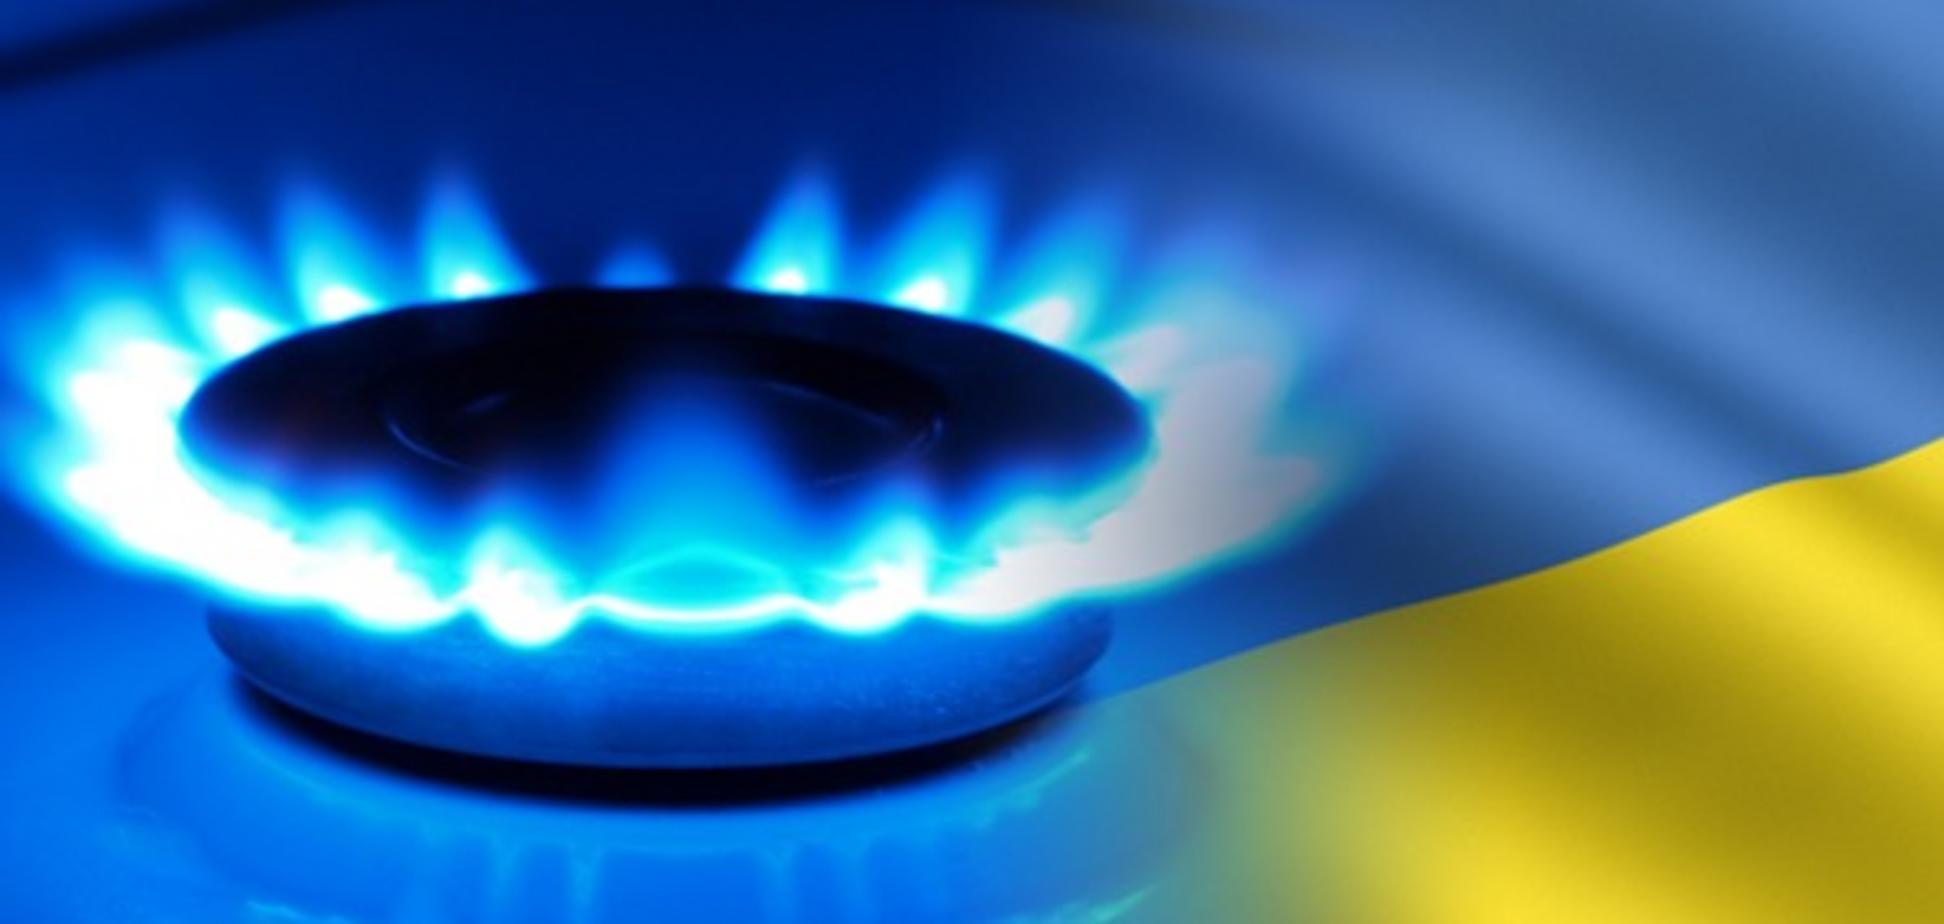 Україна за рік скоротила споживання газу на 21% - інфографіка